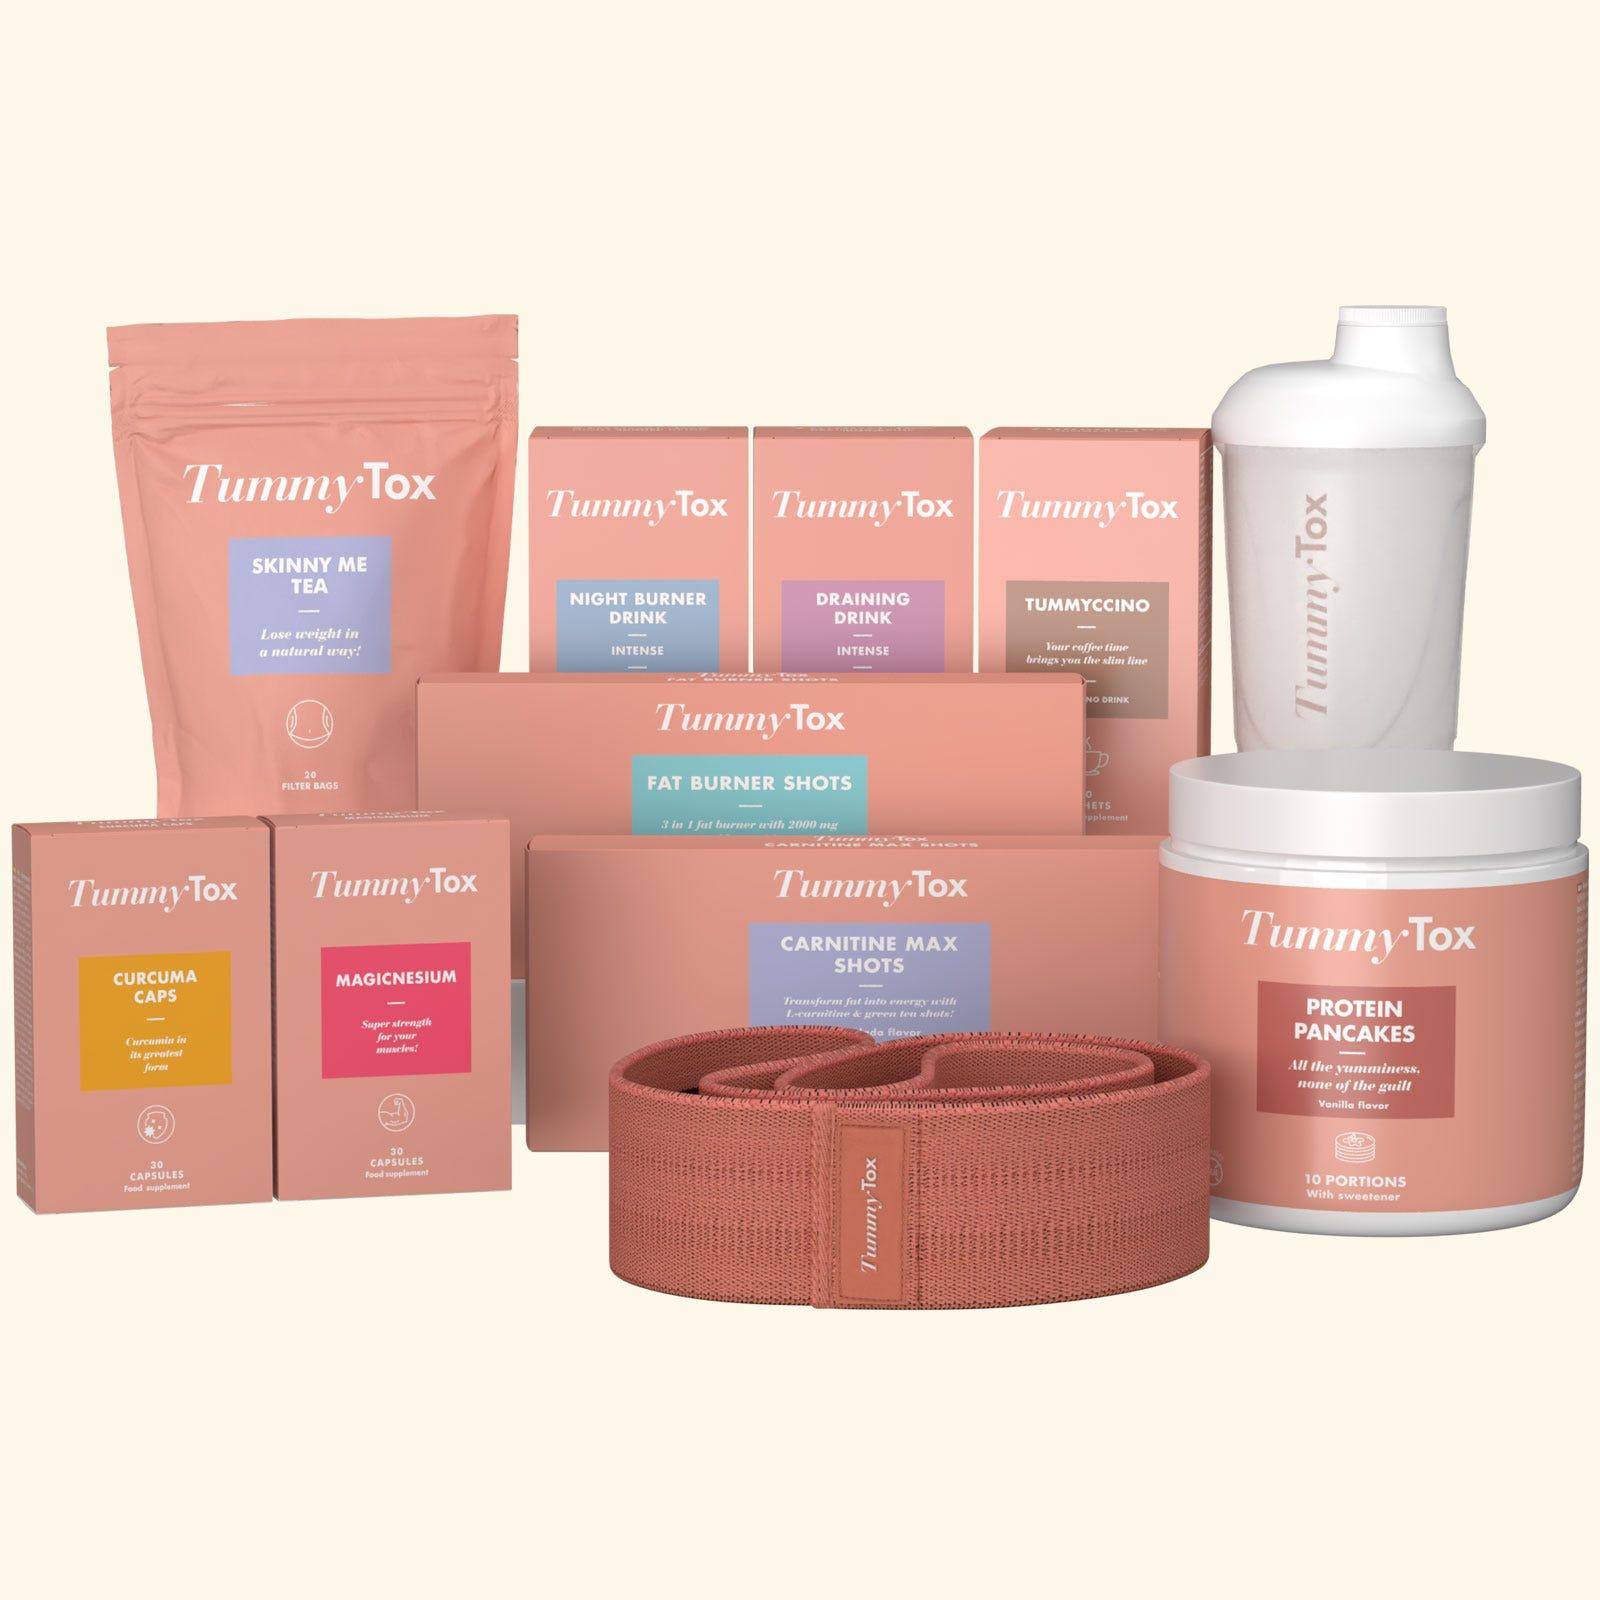 Straff und schlank Paket + 2 GESCHENKE - Das beste vollständige Abnehm-Programm für einen schlanken und straffen Körper TummyTox.